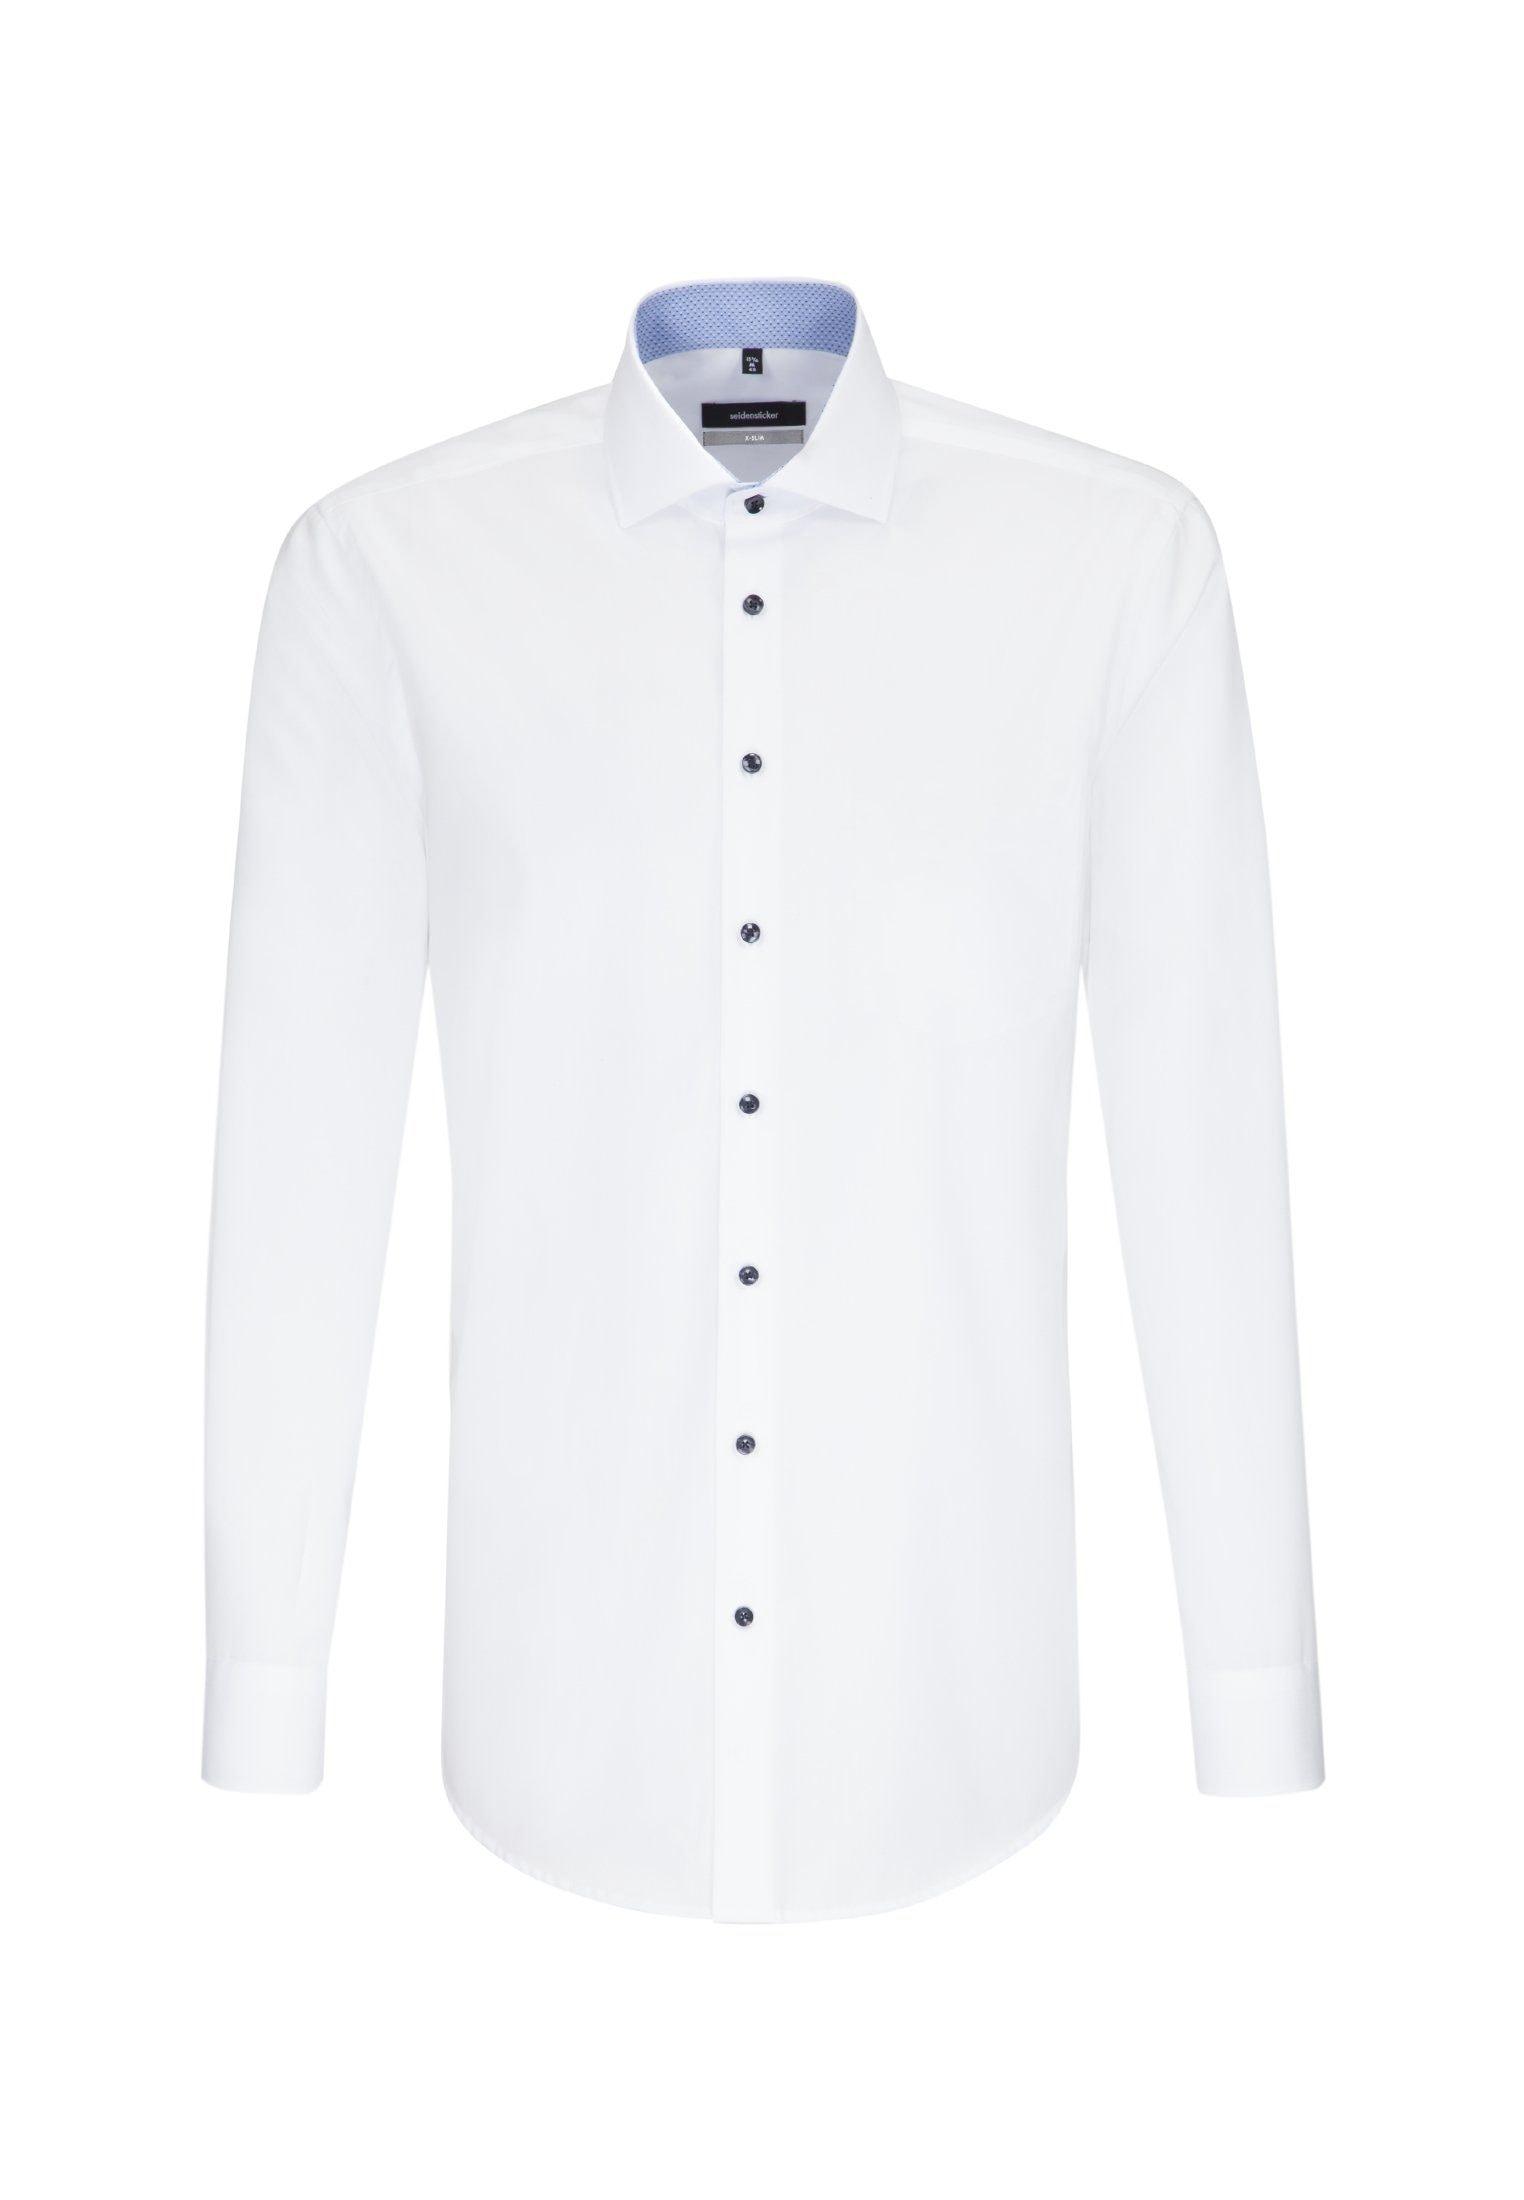 seidensticker Businesshemd X-Slim | Bekleidung > Hemden > Business Hemden | Weiß | Baumwolle - Popeline | Seidensticker